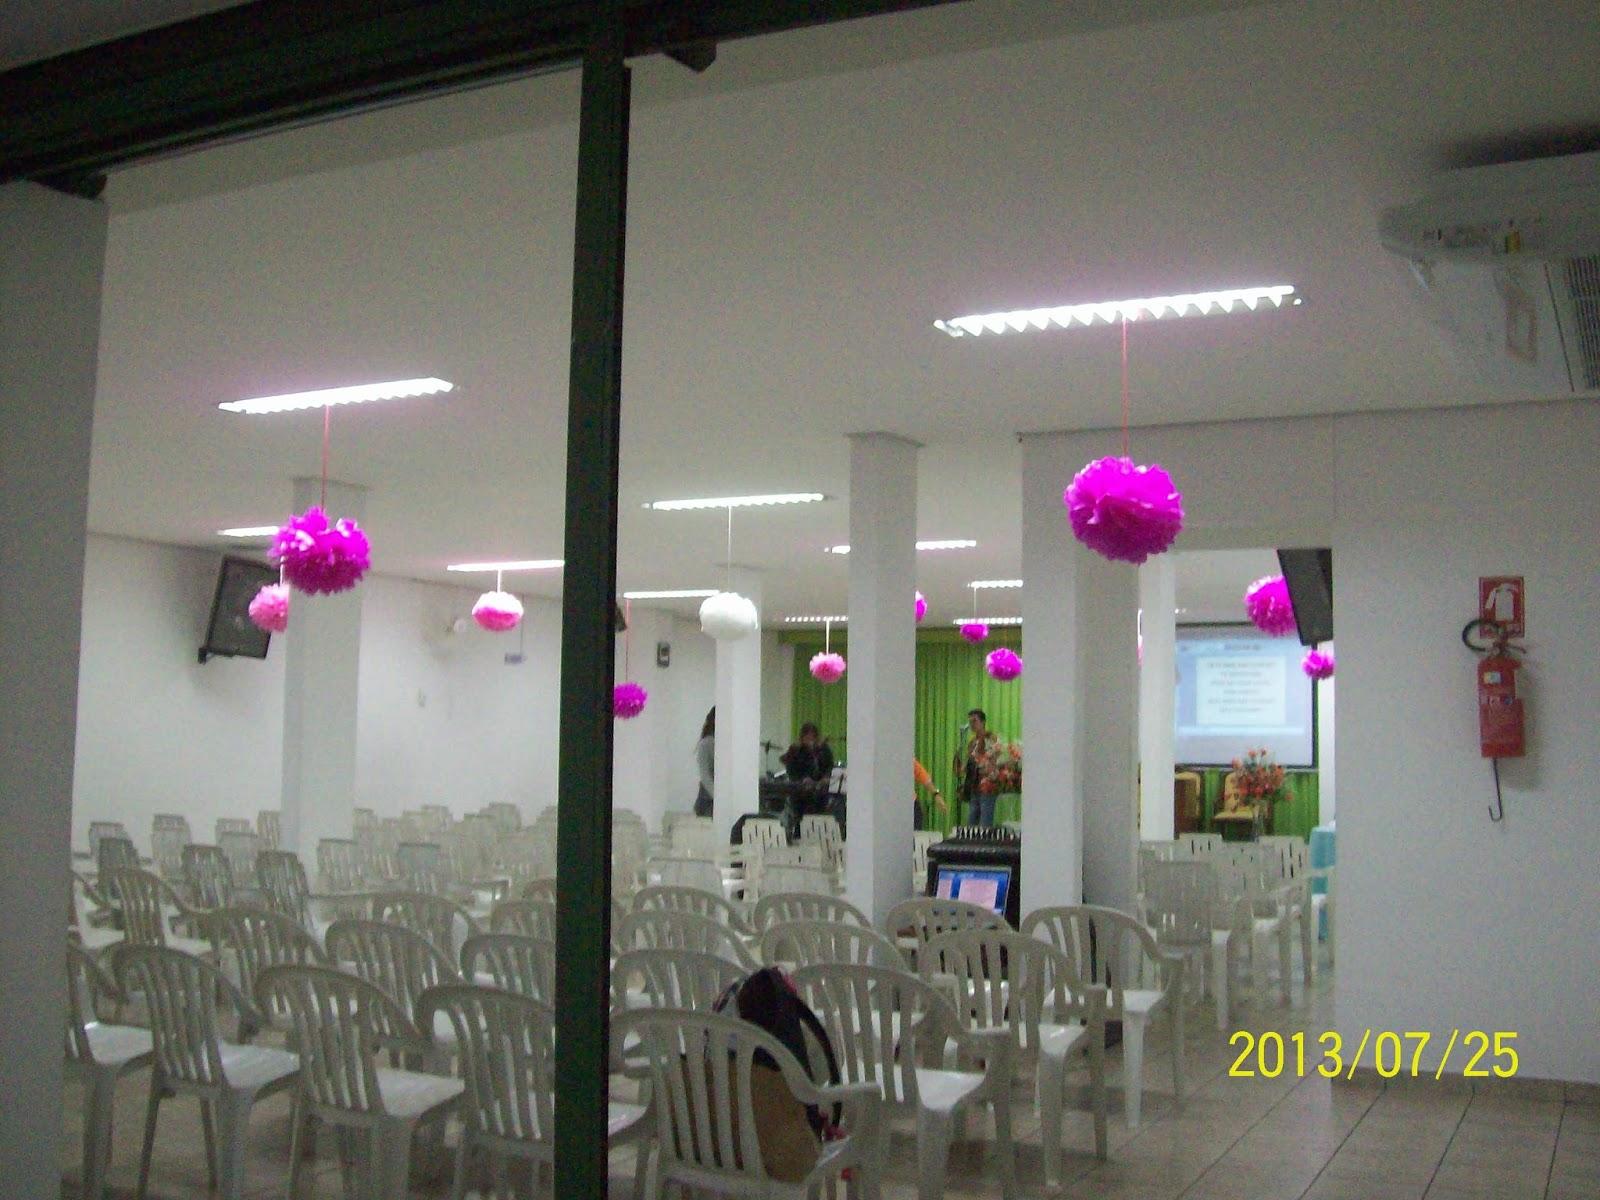 Decore sua loja e seu estabelecimento aqui Tudo para suas festas e decorações! Decoraç u00e3o da